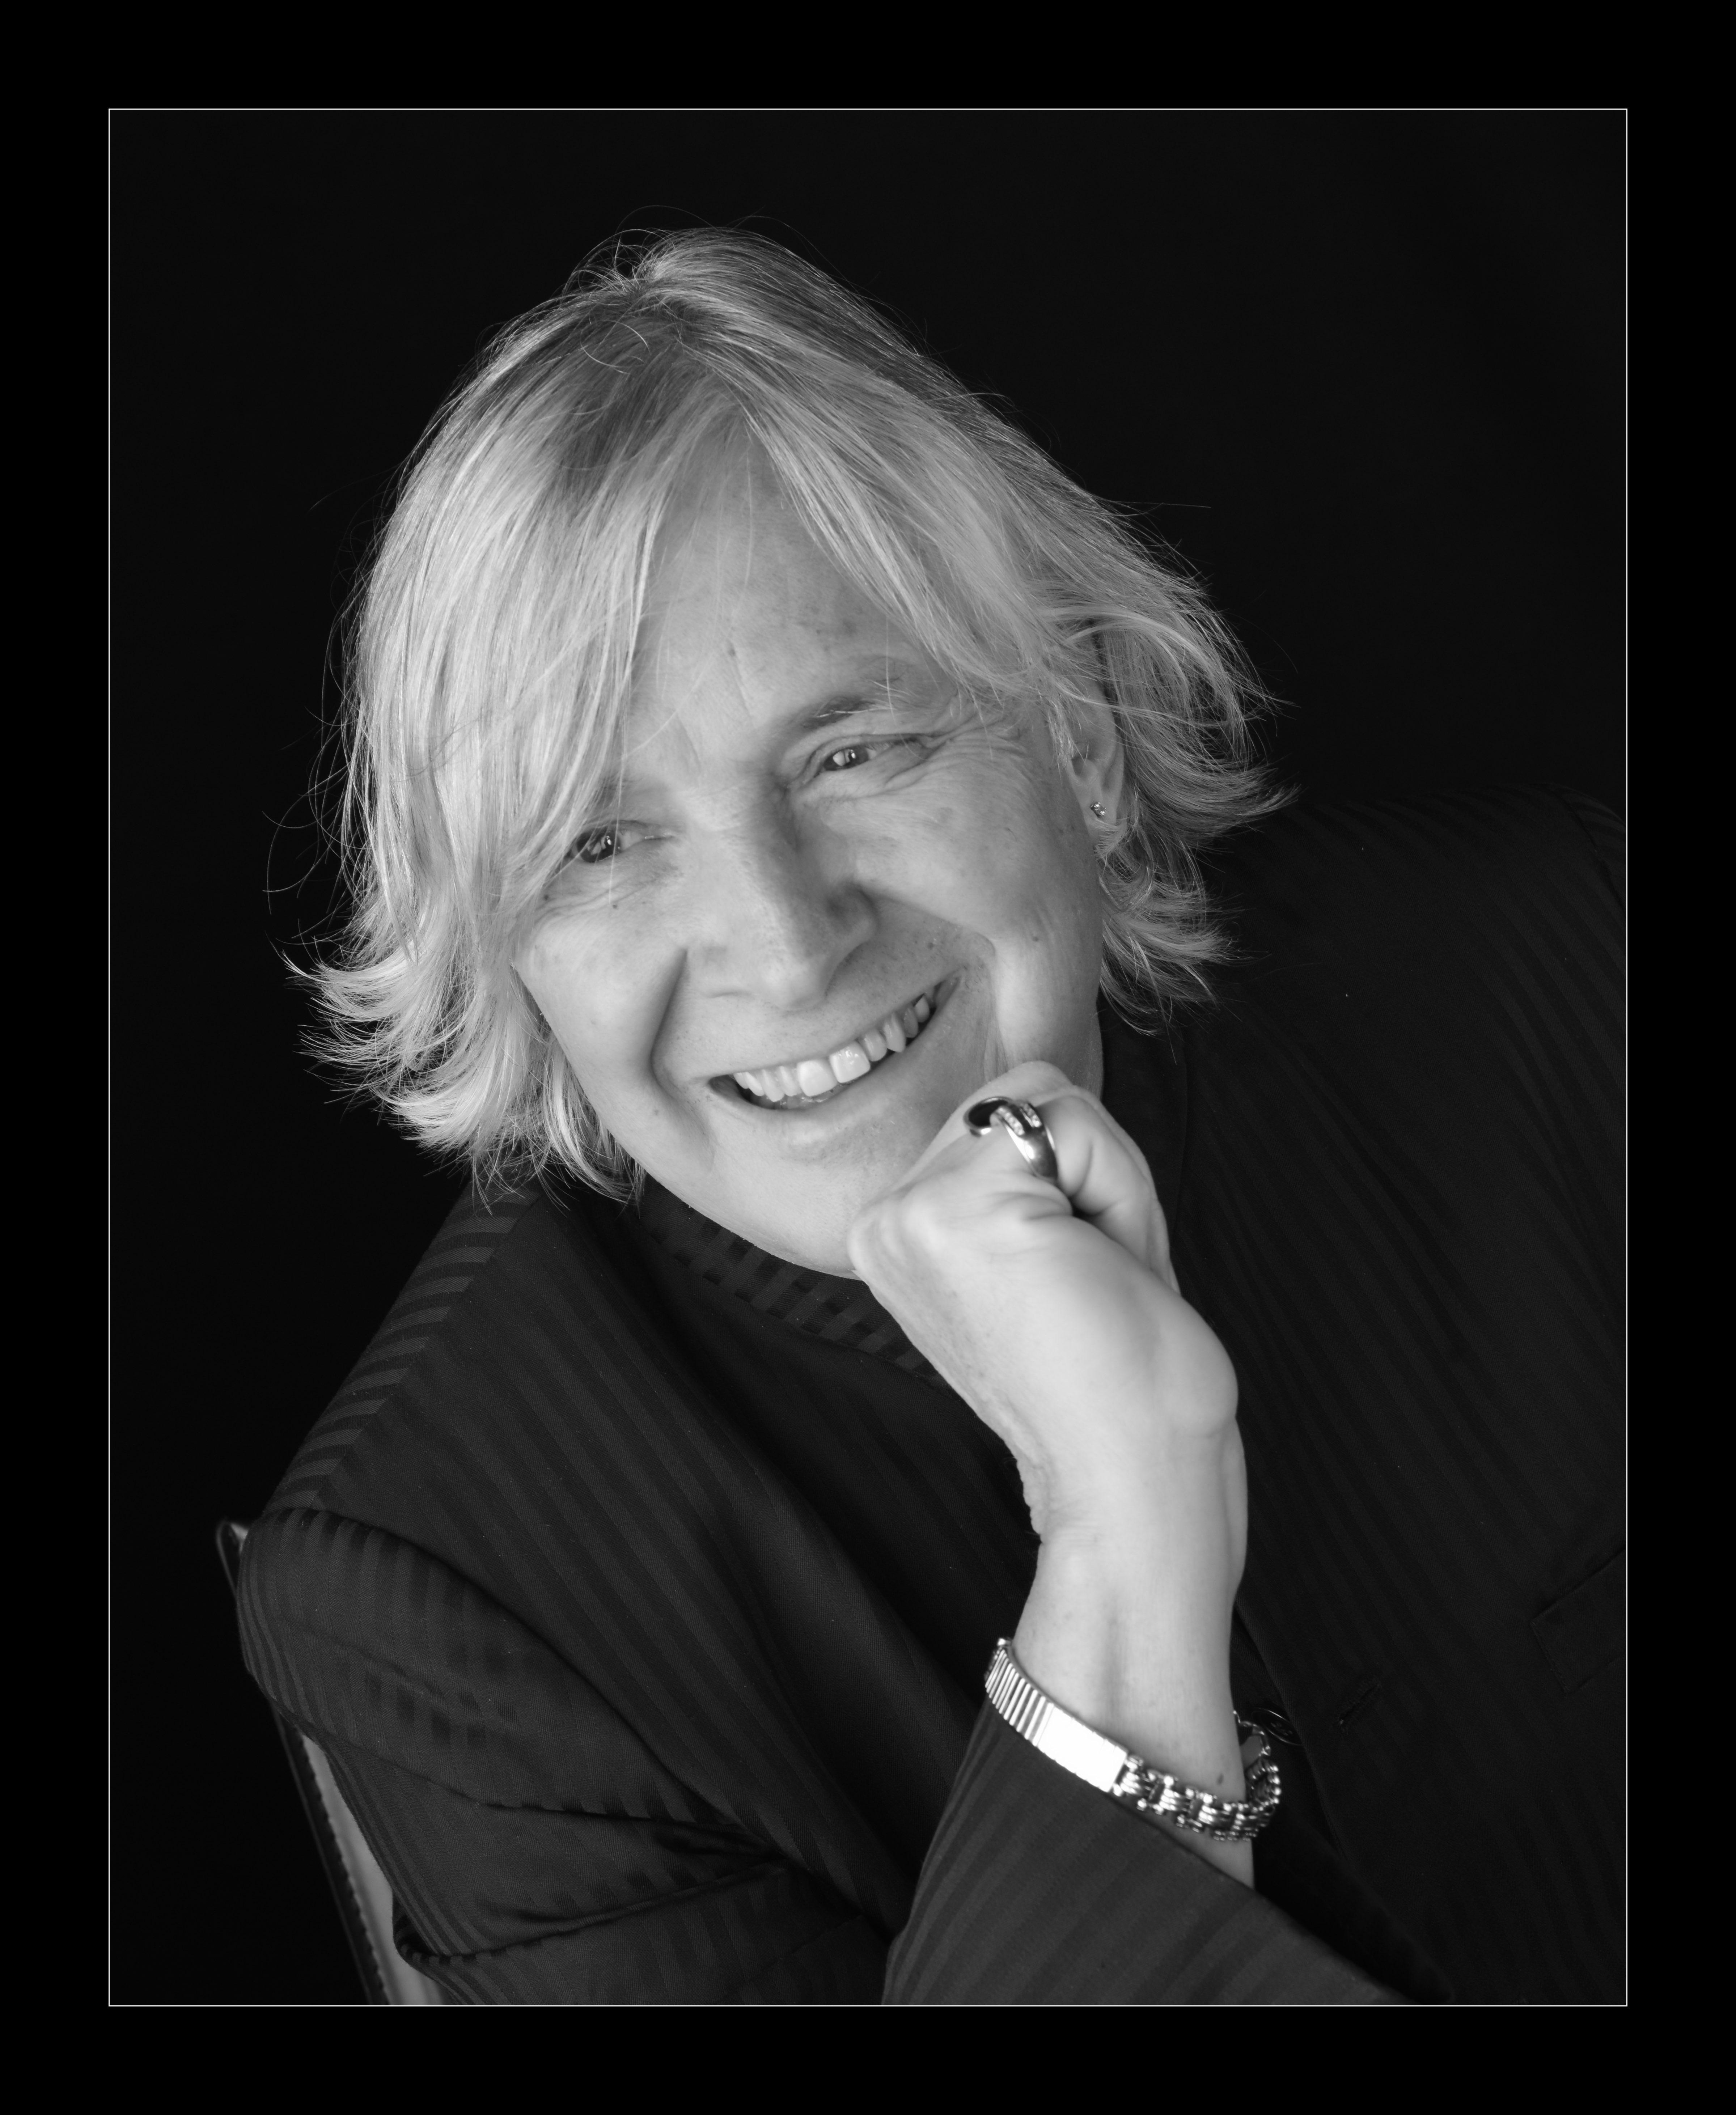 promo-photo-john-bressler